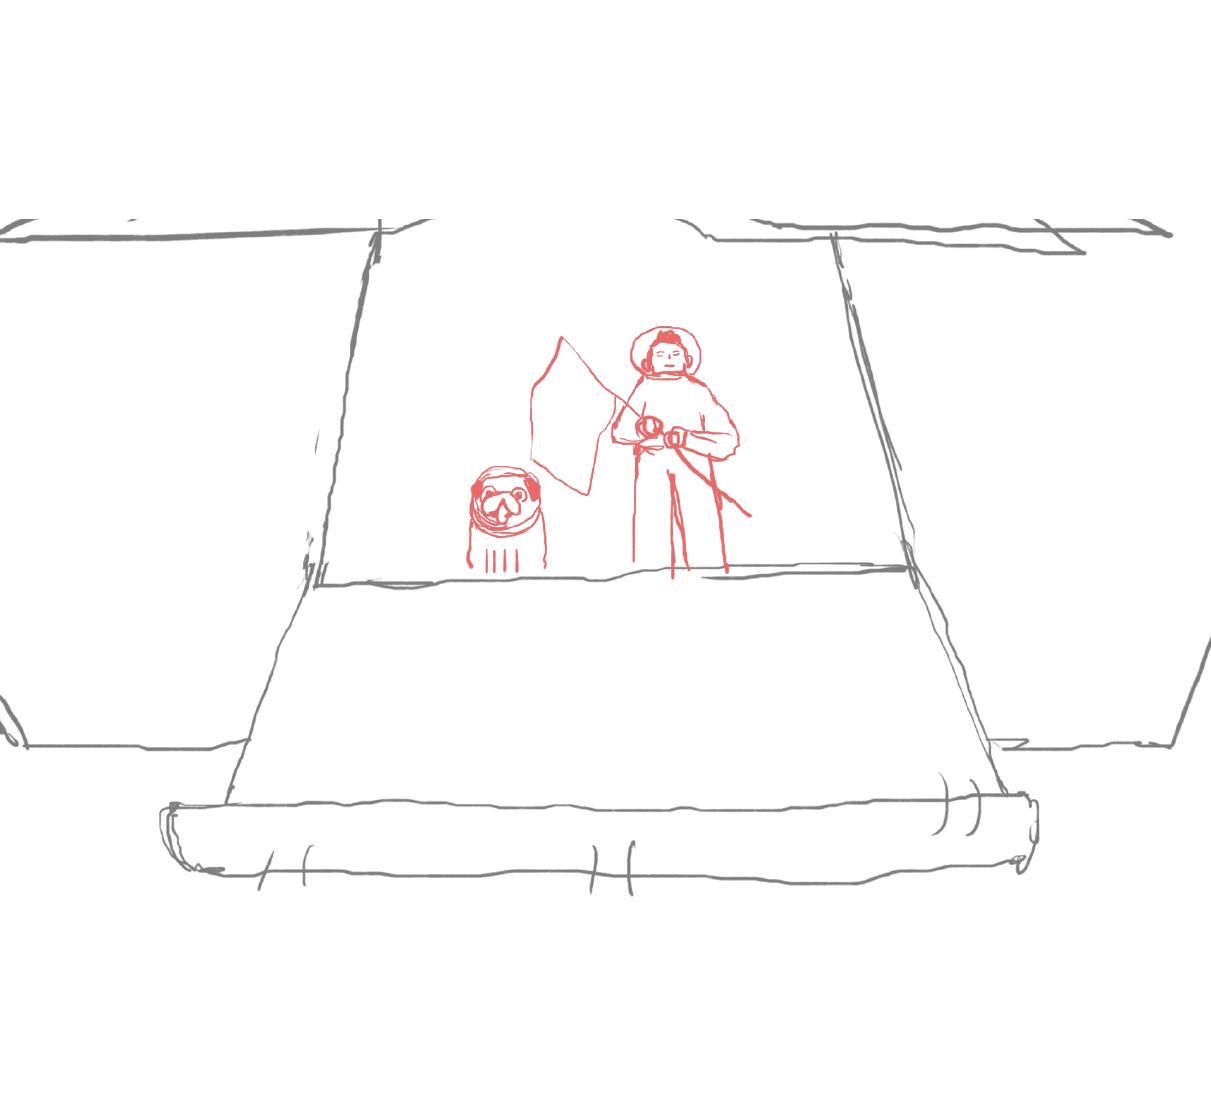 storyboard-12.png